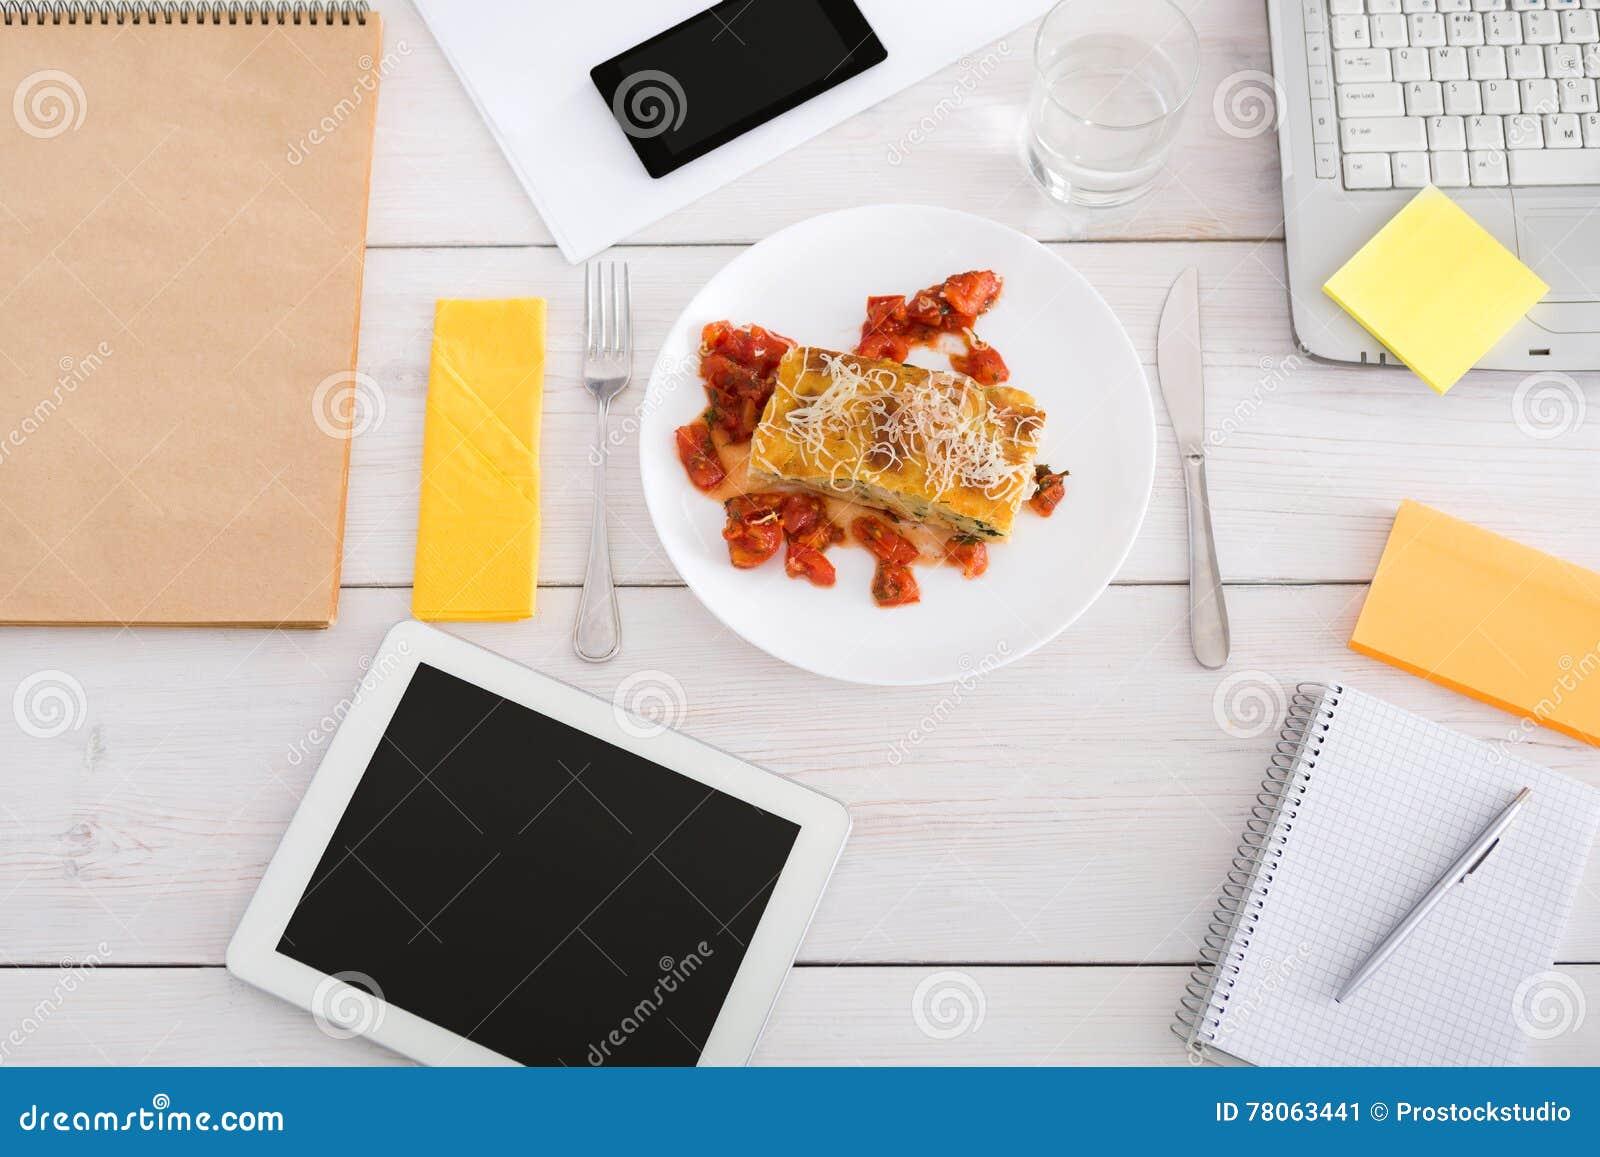 pranzo sano in ufficio, concetto dell'alimento di dieta fotografia ... - Pranzo Ufficio Dieta